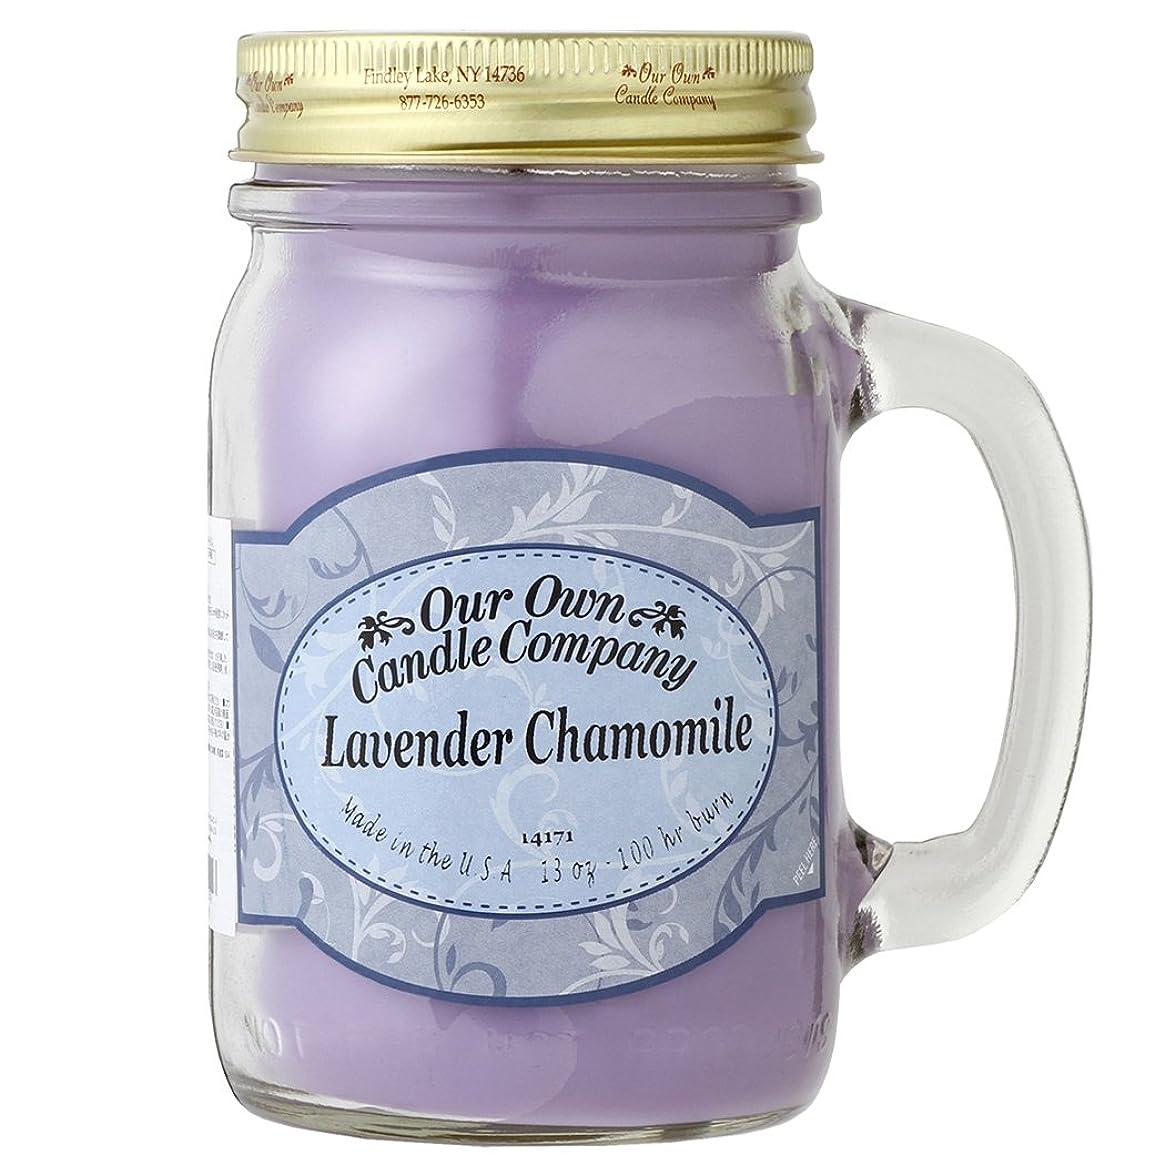 ロイヤリティ毎週ゼロOur Own Candle Company メイソンジャーキャンドル ラージサイズ ラベンダーカモミール OU100070